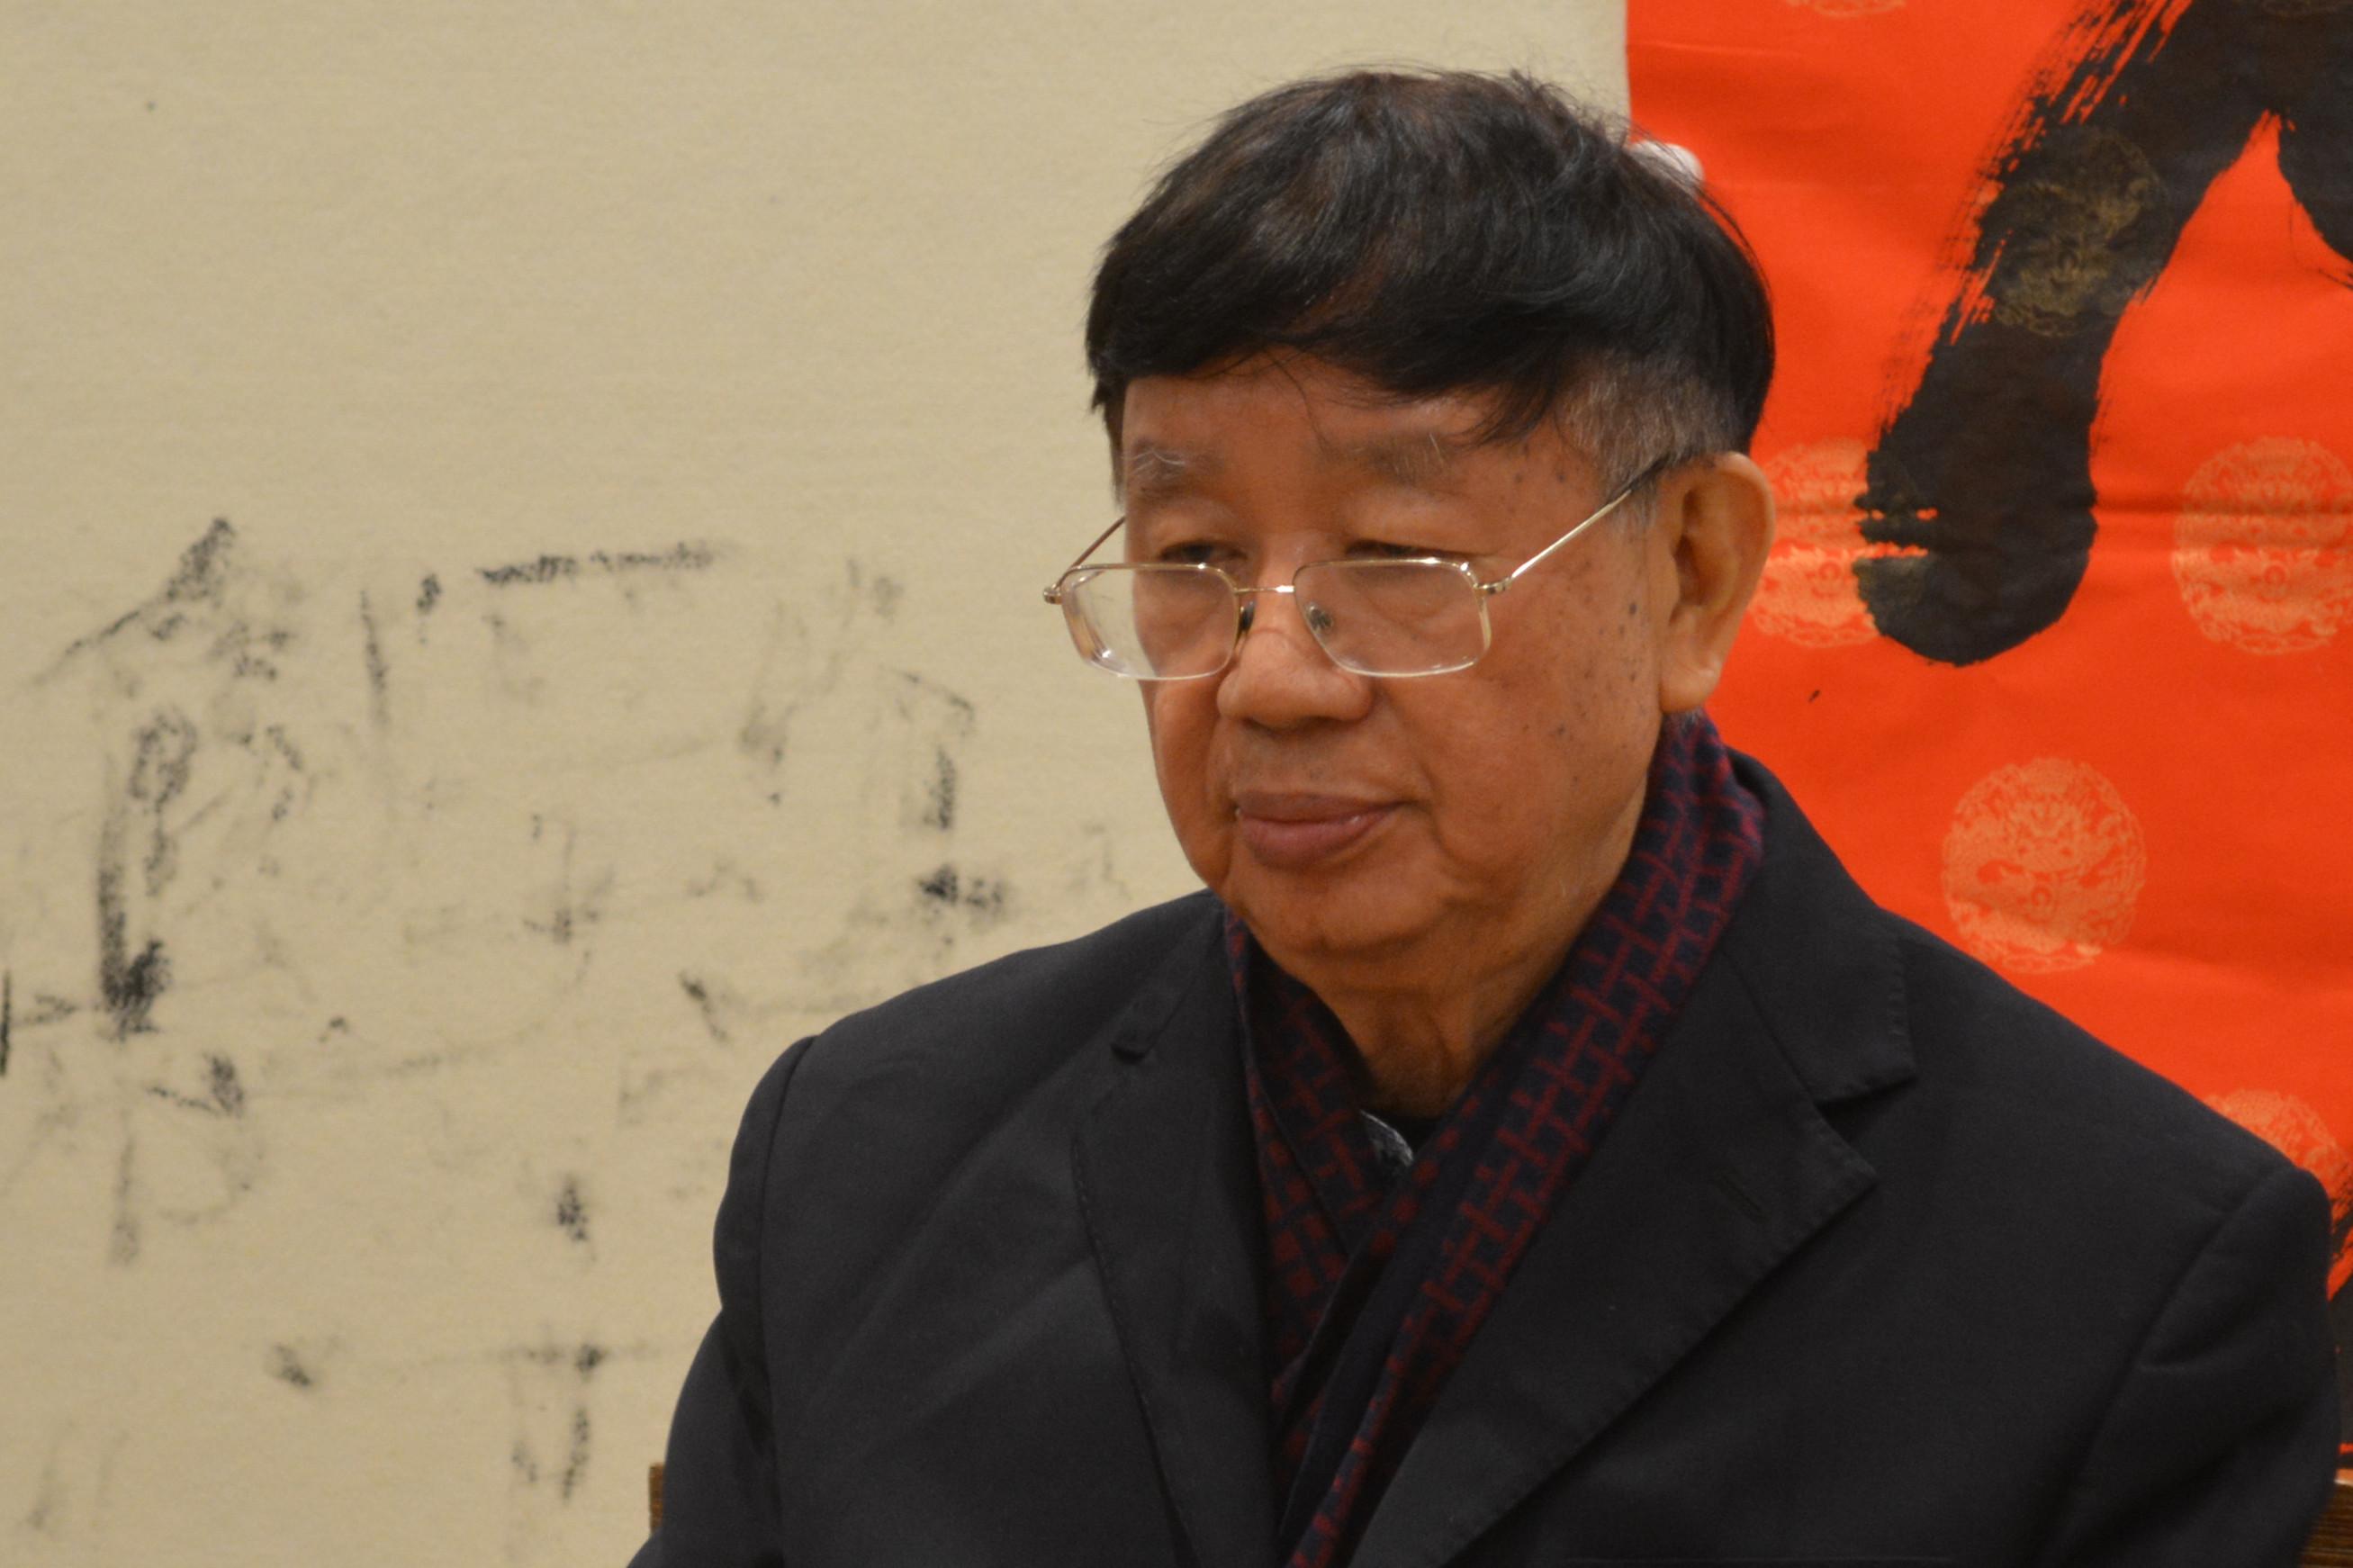 哲学大师成中英教授:建设一流大学需要激活中国文化精华与学术良知人格